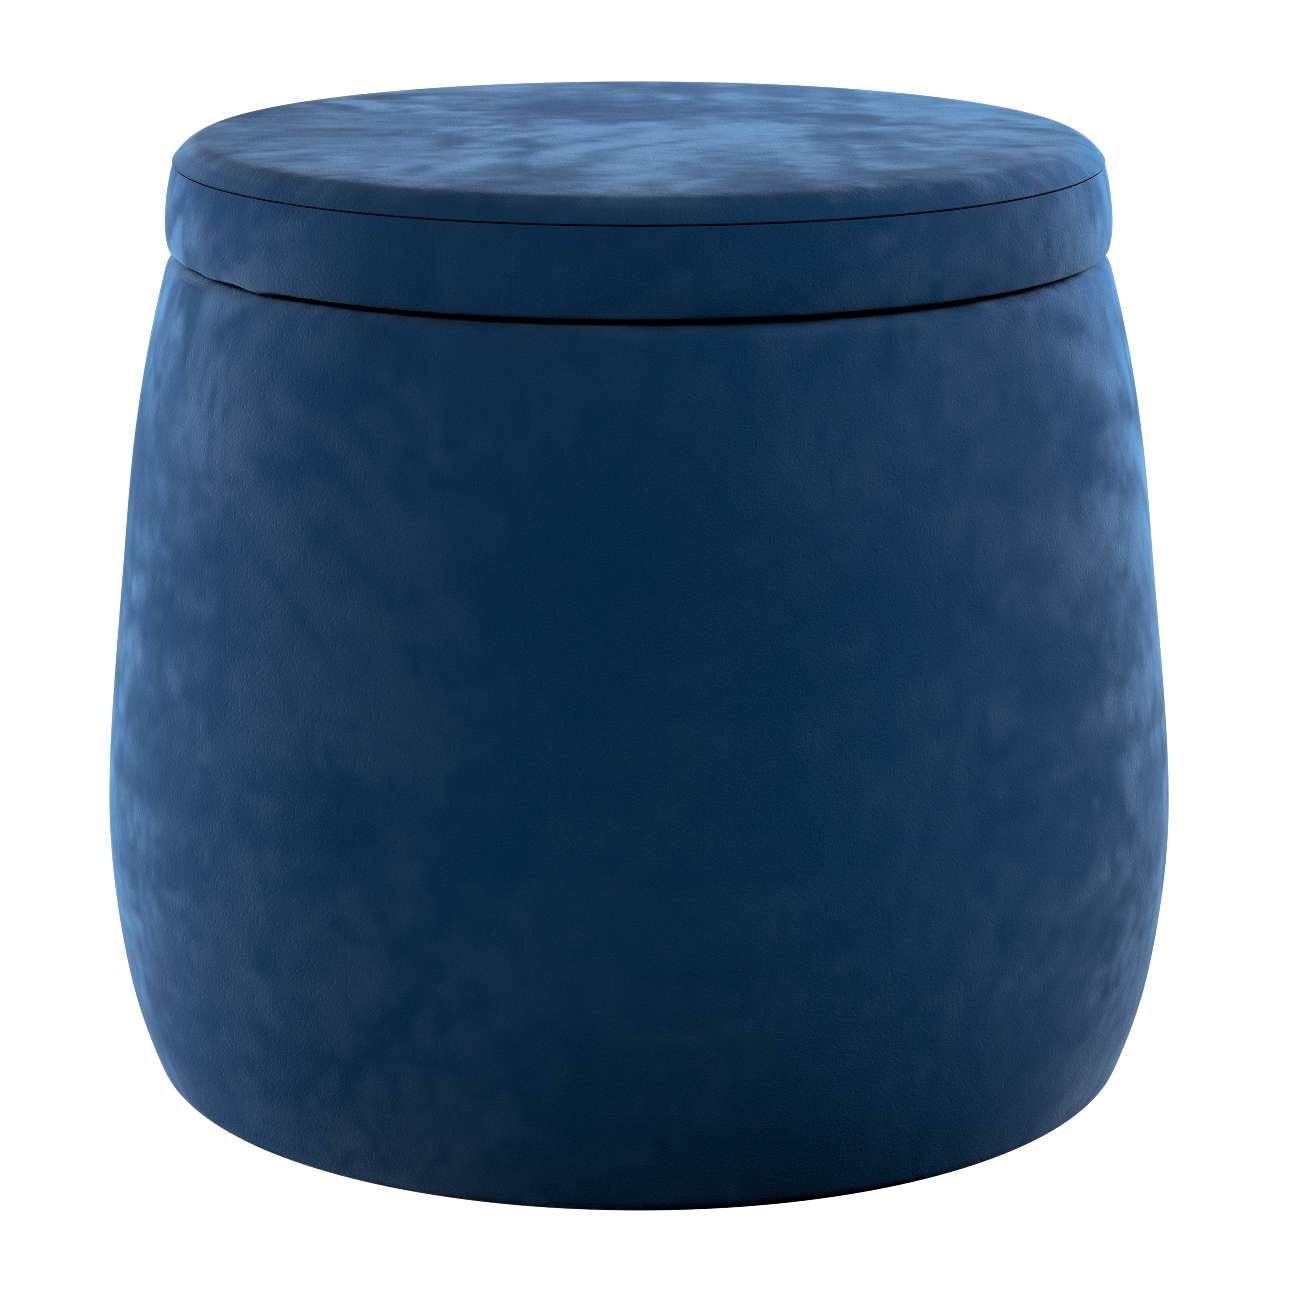 Pouf Candy Jar von der Kollektion Posh Velvet, Stoff: 704-29